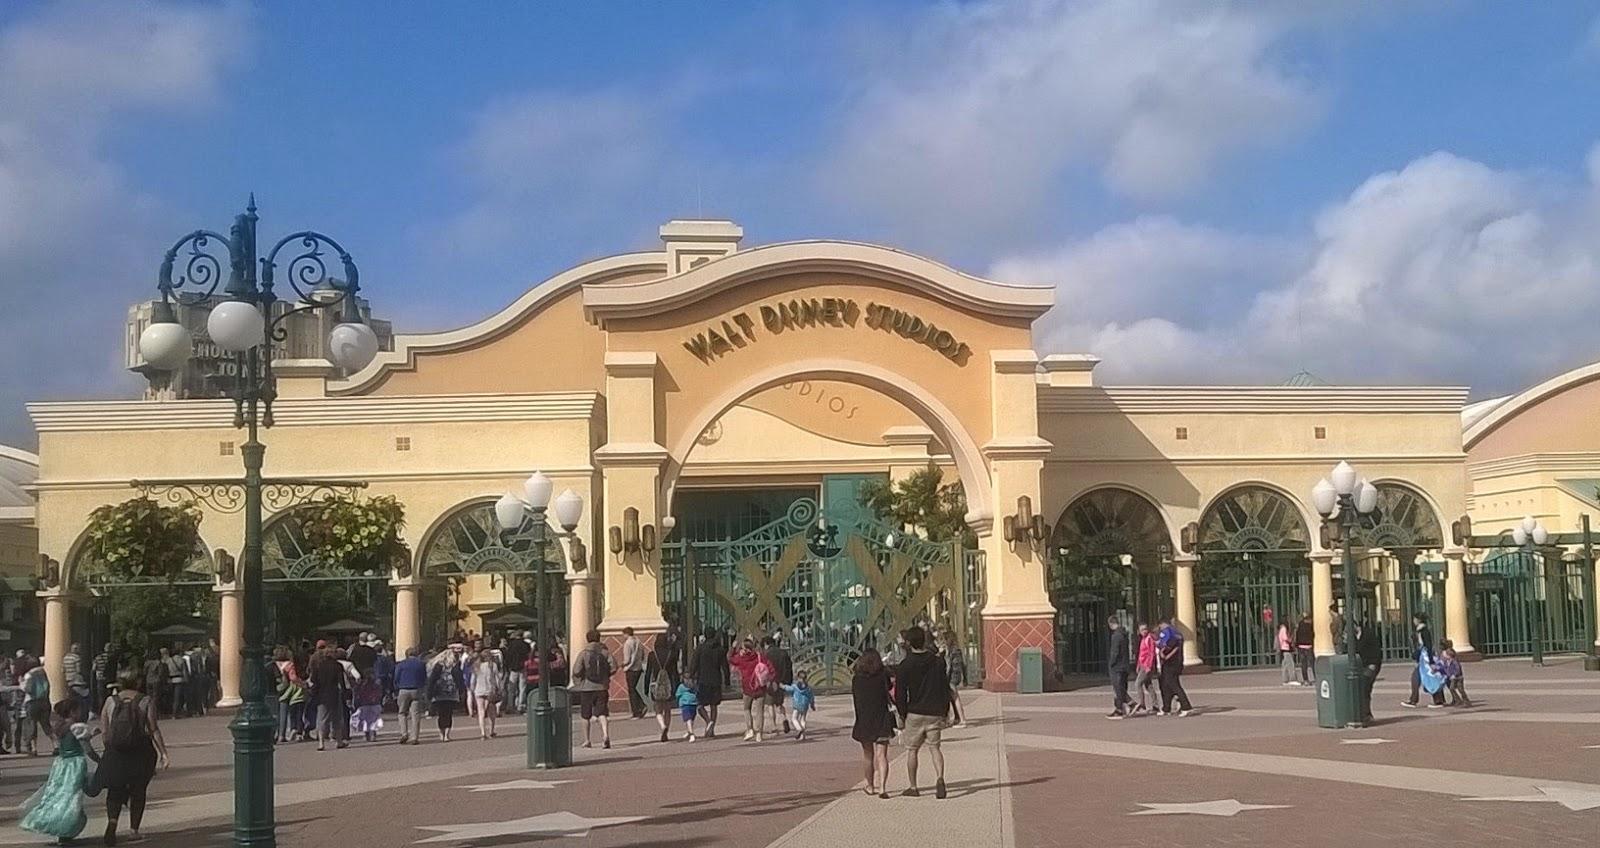 Walt Disney Studios Disneyland